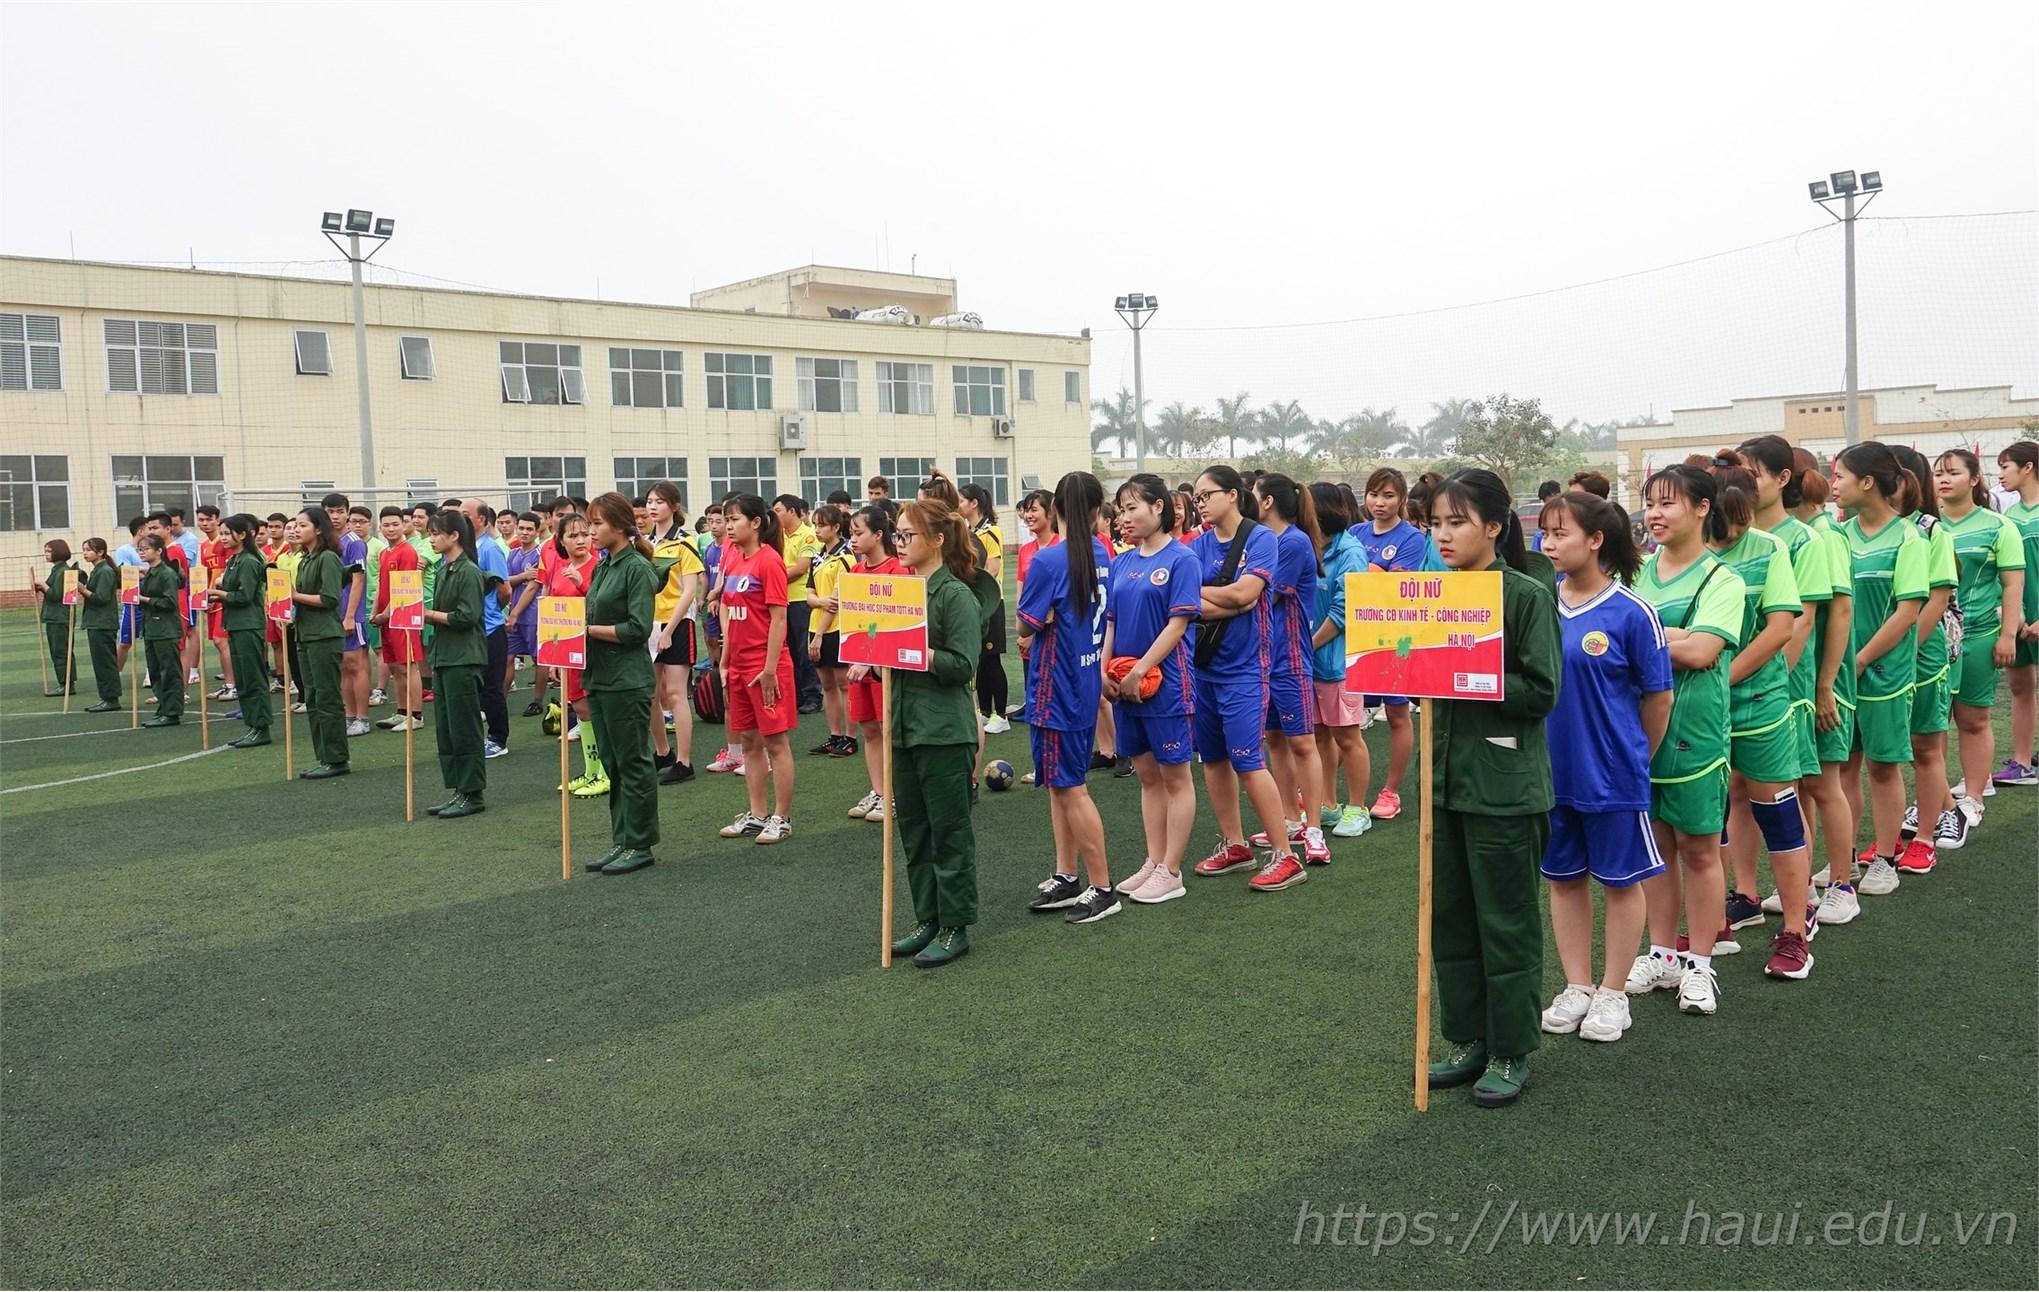 Giải vô địch Bóng ném sinh viên Hà Nội mở rộng 2019